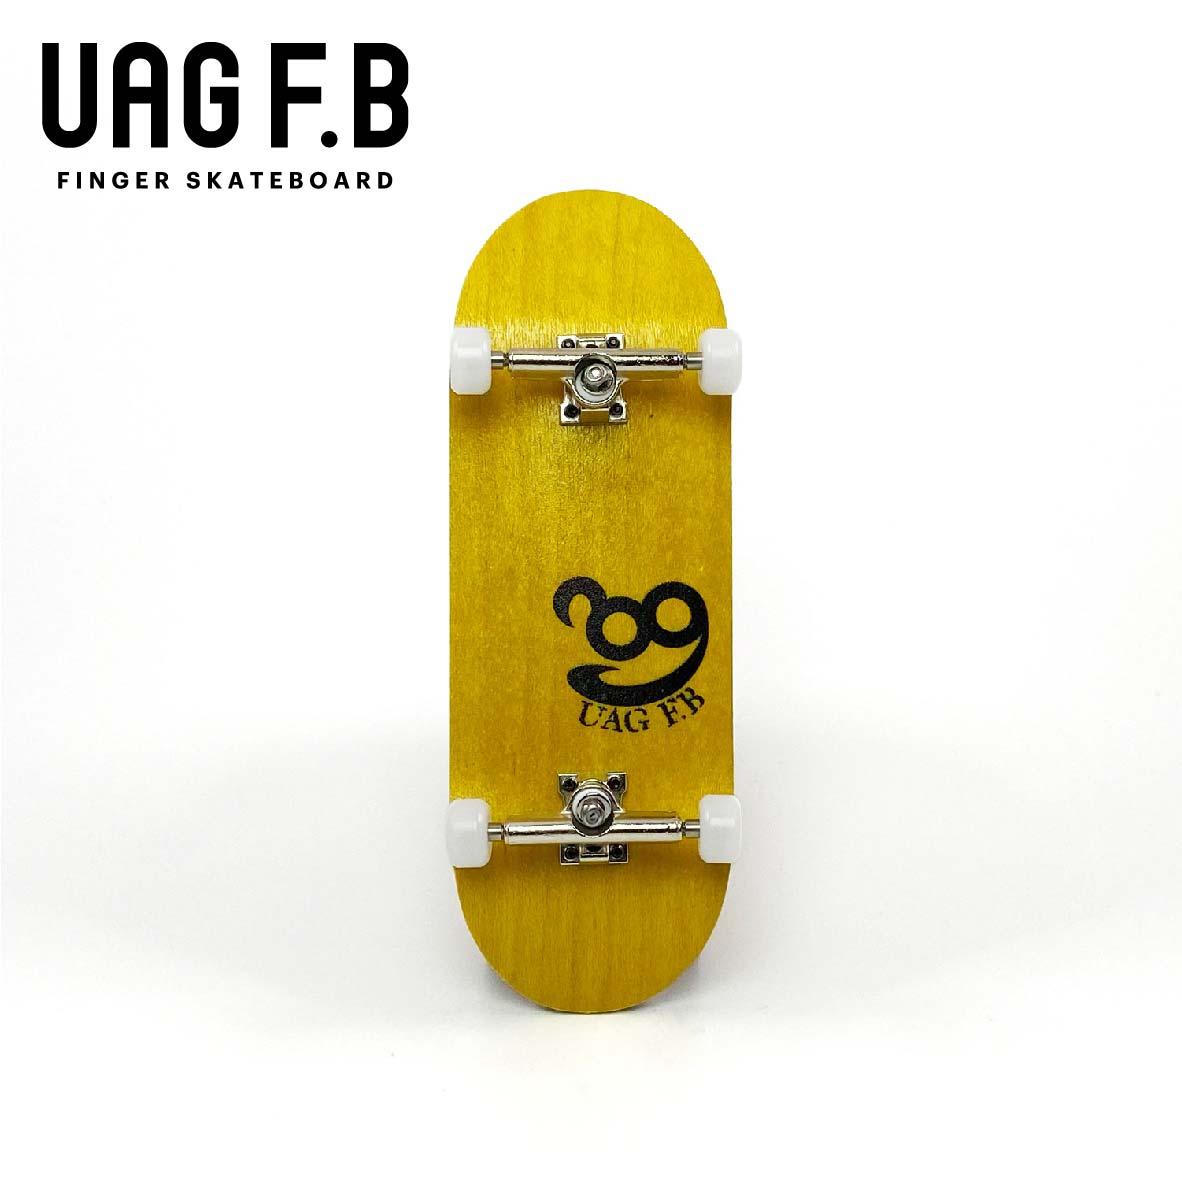 安値 これから始めたい方にオススメ 価格とクオリティーにこだわったUAG F.Bの定番モデル UAG 店舗 F.B 《UAG コンプリート》 Simple finger -slim ver- board 指スケ skate 黄